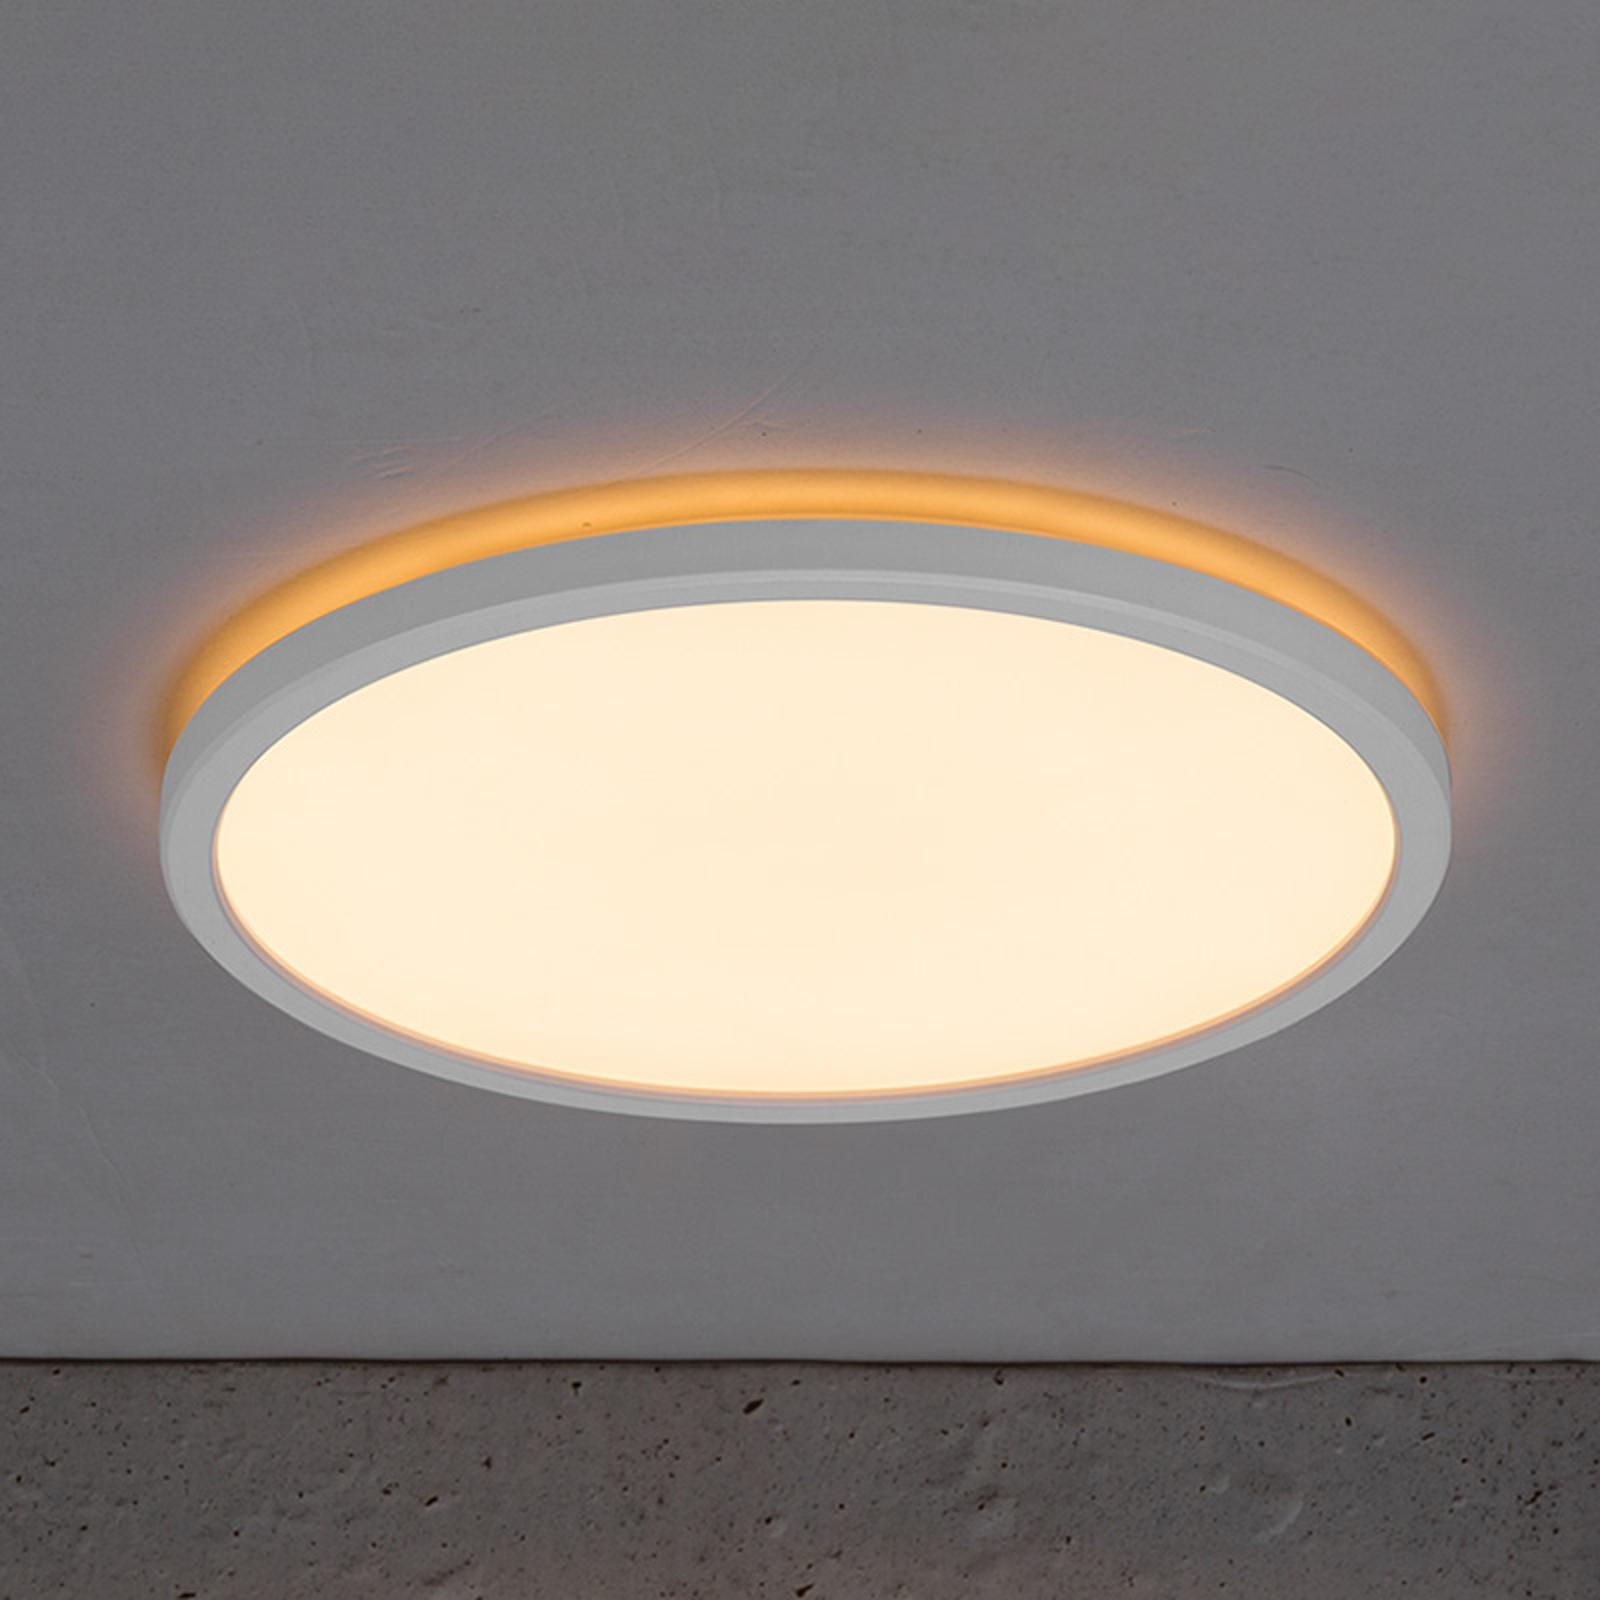 LED plafondlamp Bronx 2.700 K, Ø 29 cm